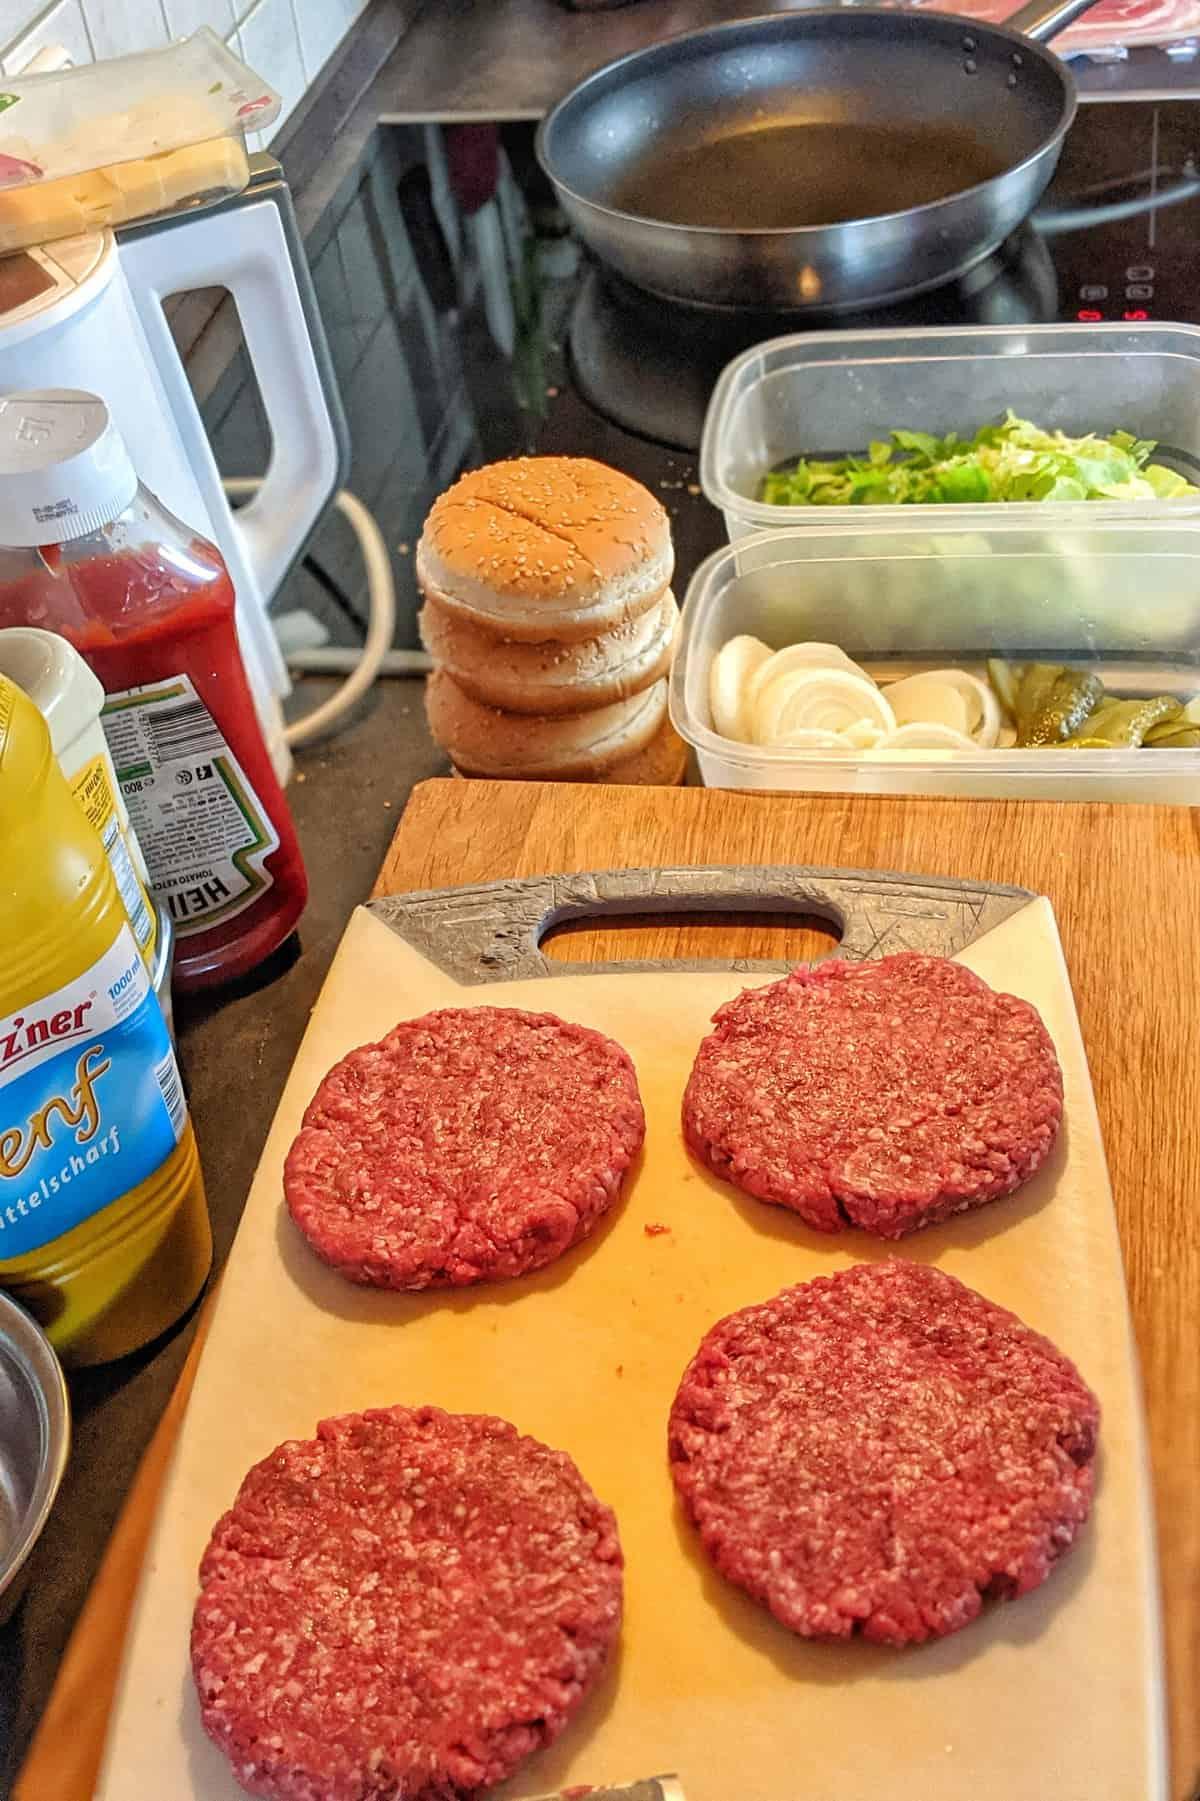 Zubereitung von Burgern in der Küche.